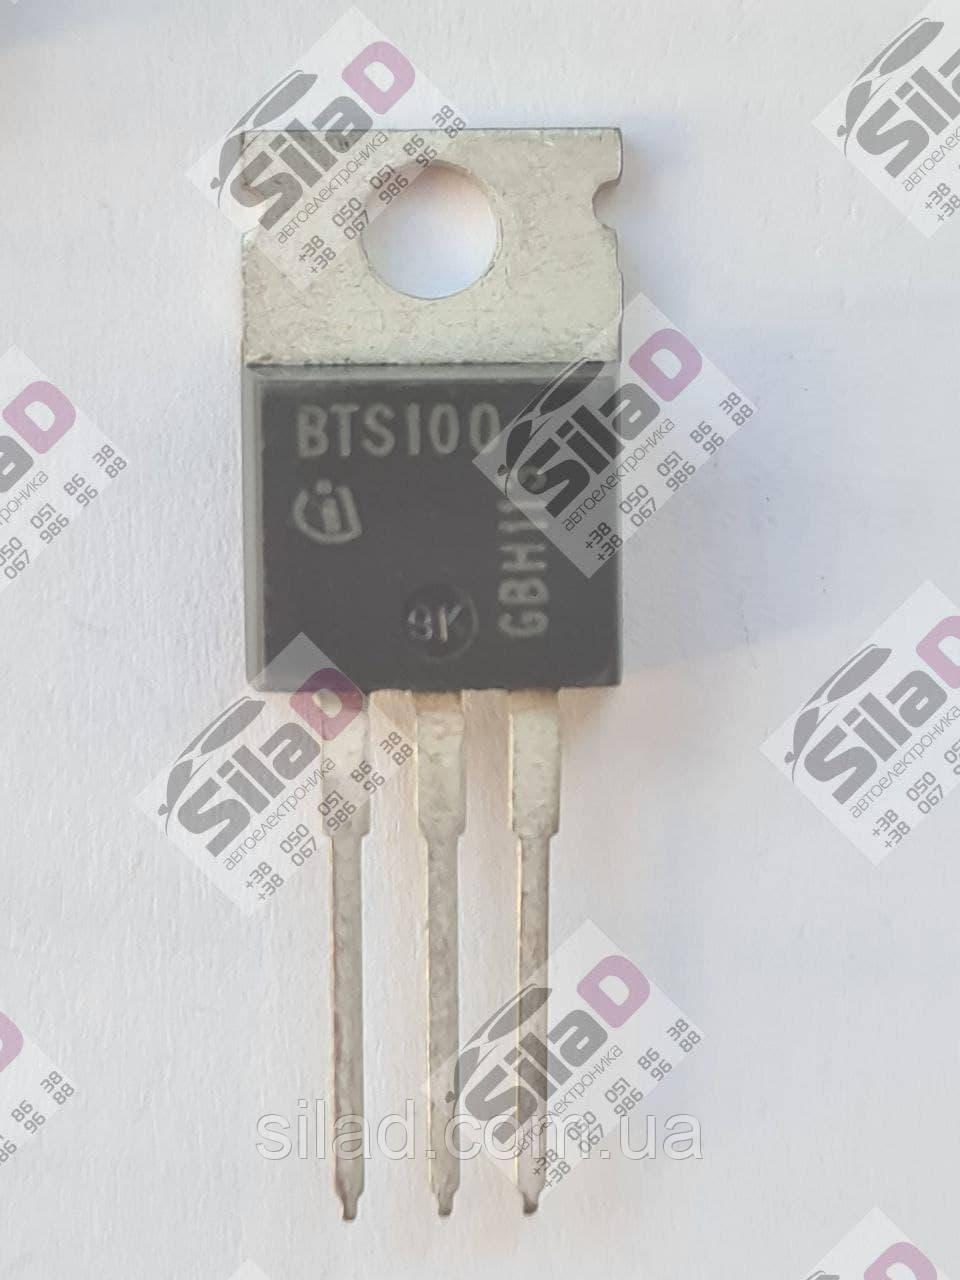 Транзистор BTS100 Infineon корпус TO-220AB